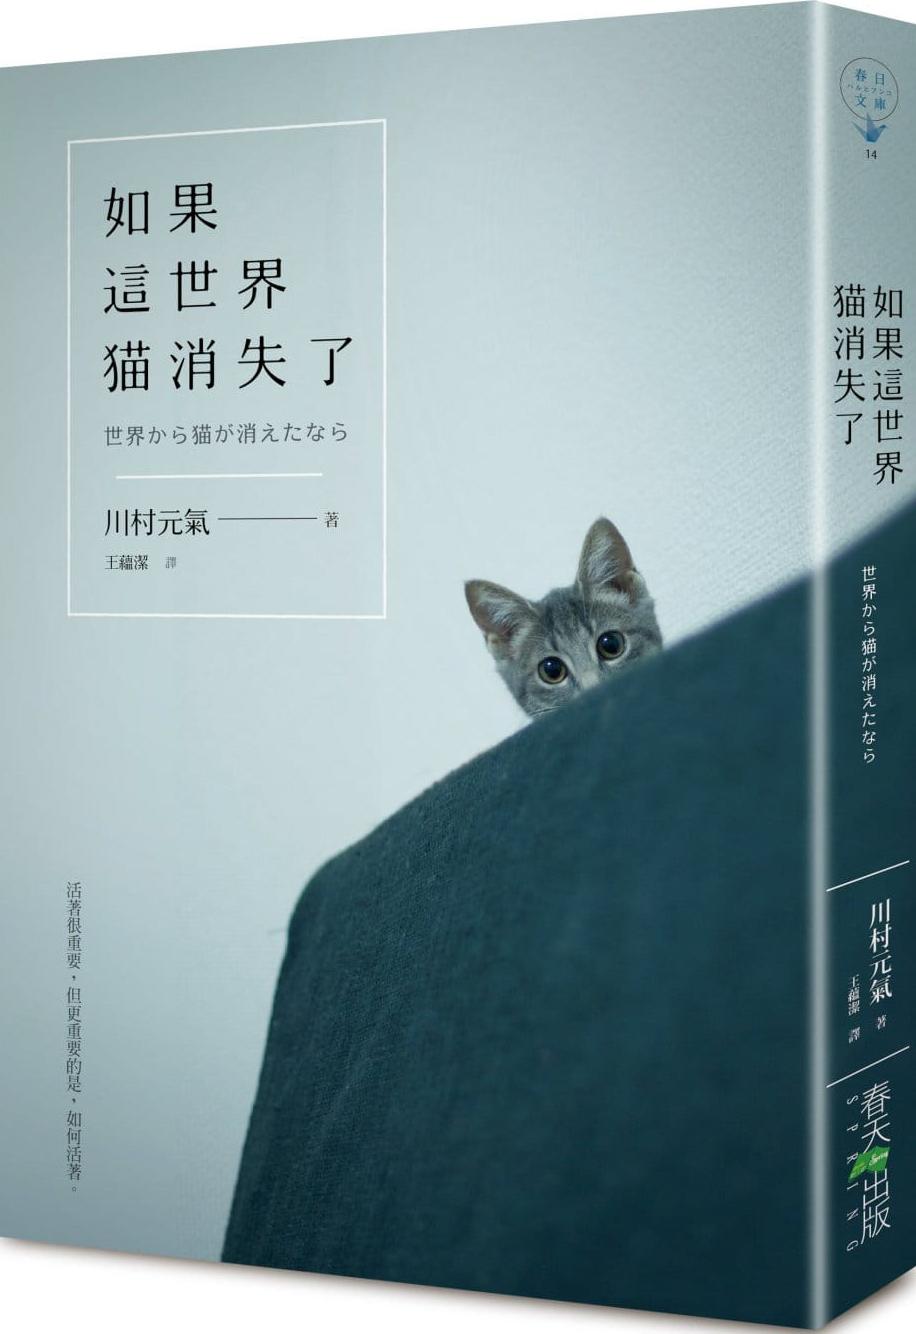 如果这世界猫消失了